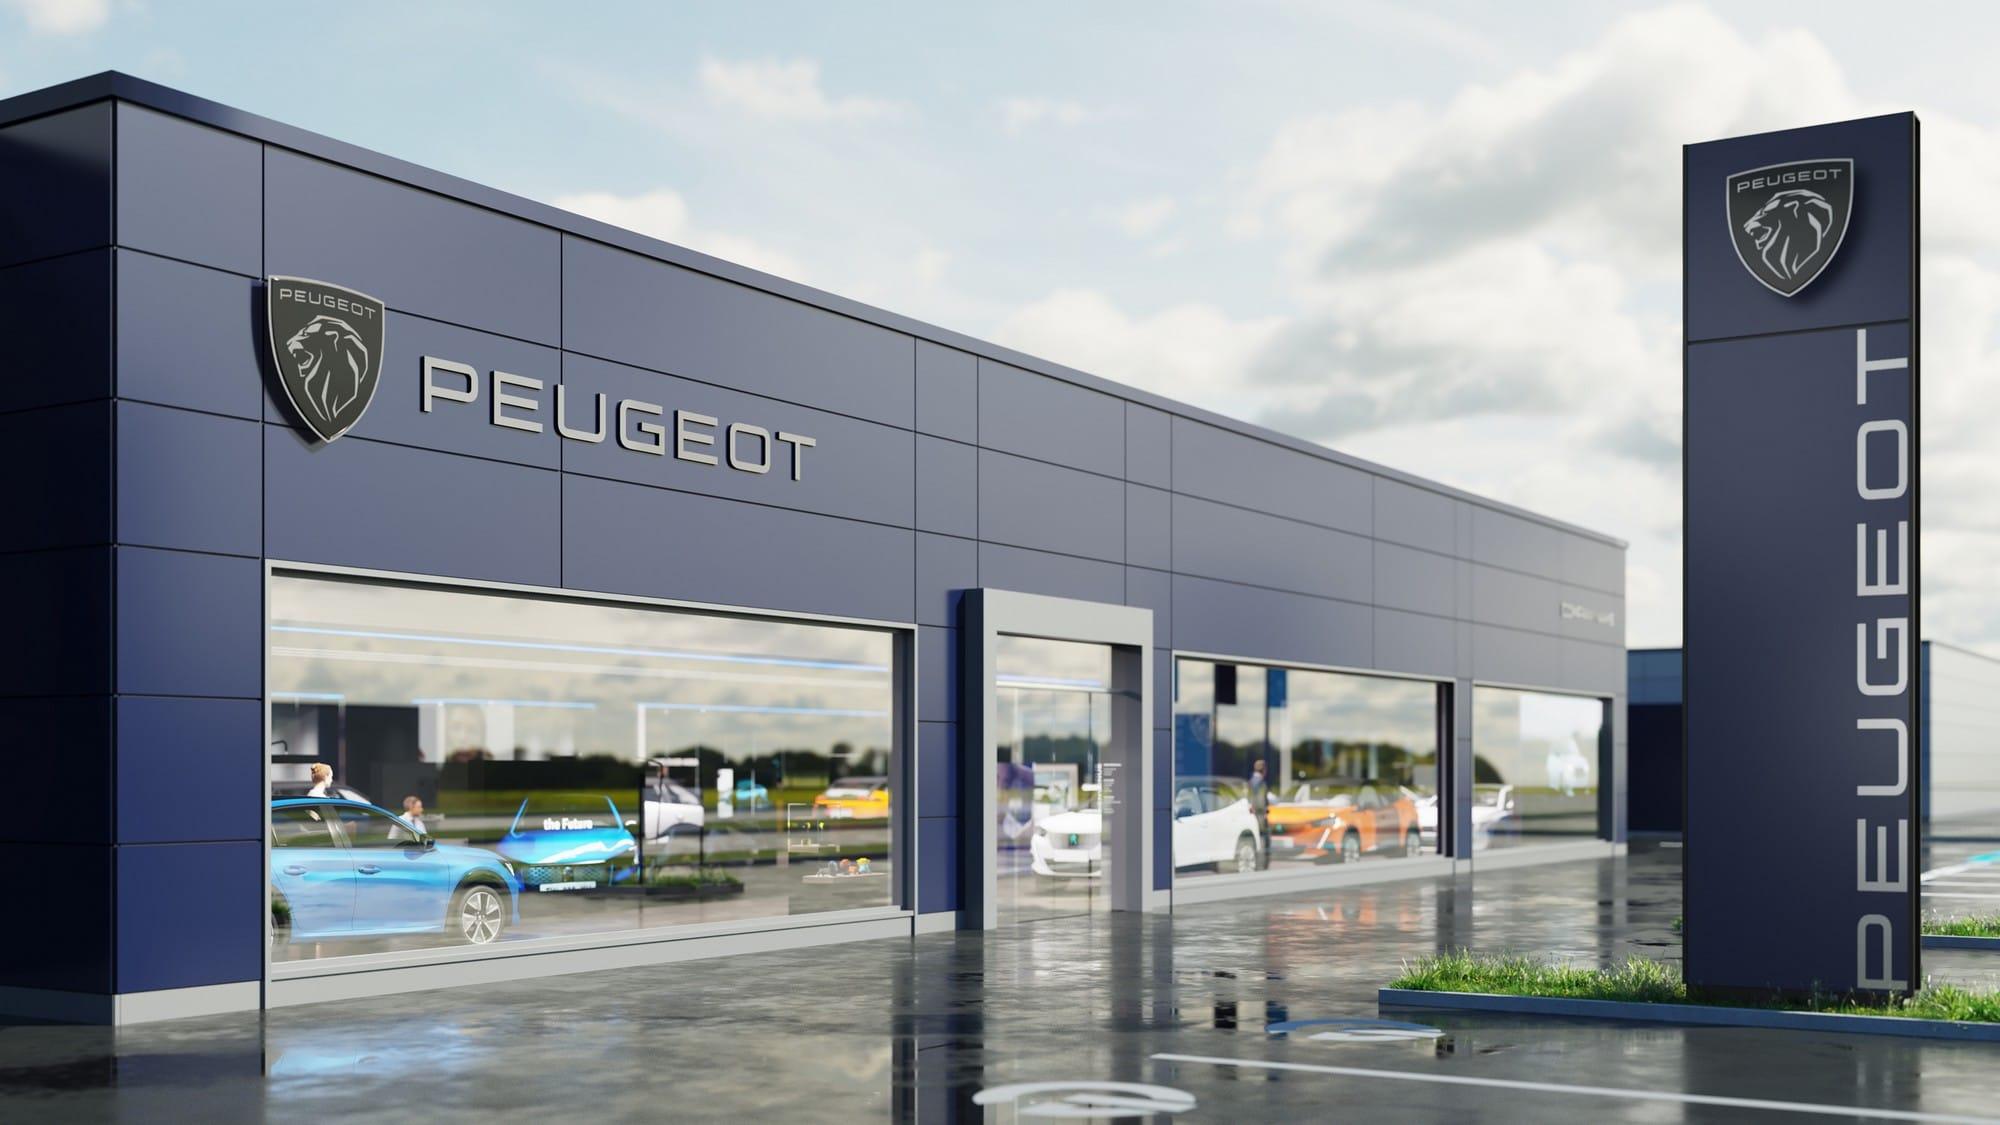 Façade concession nouveau logo Peugeot 2021